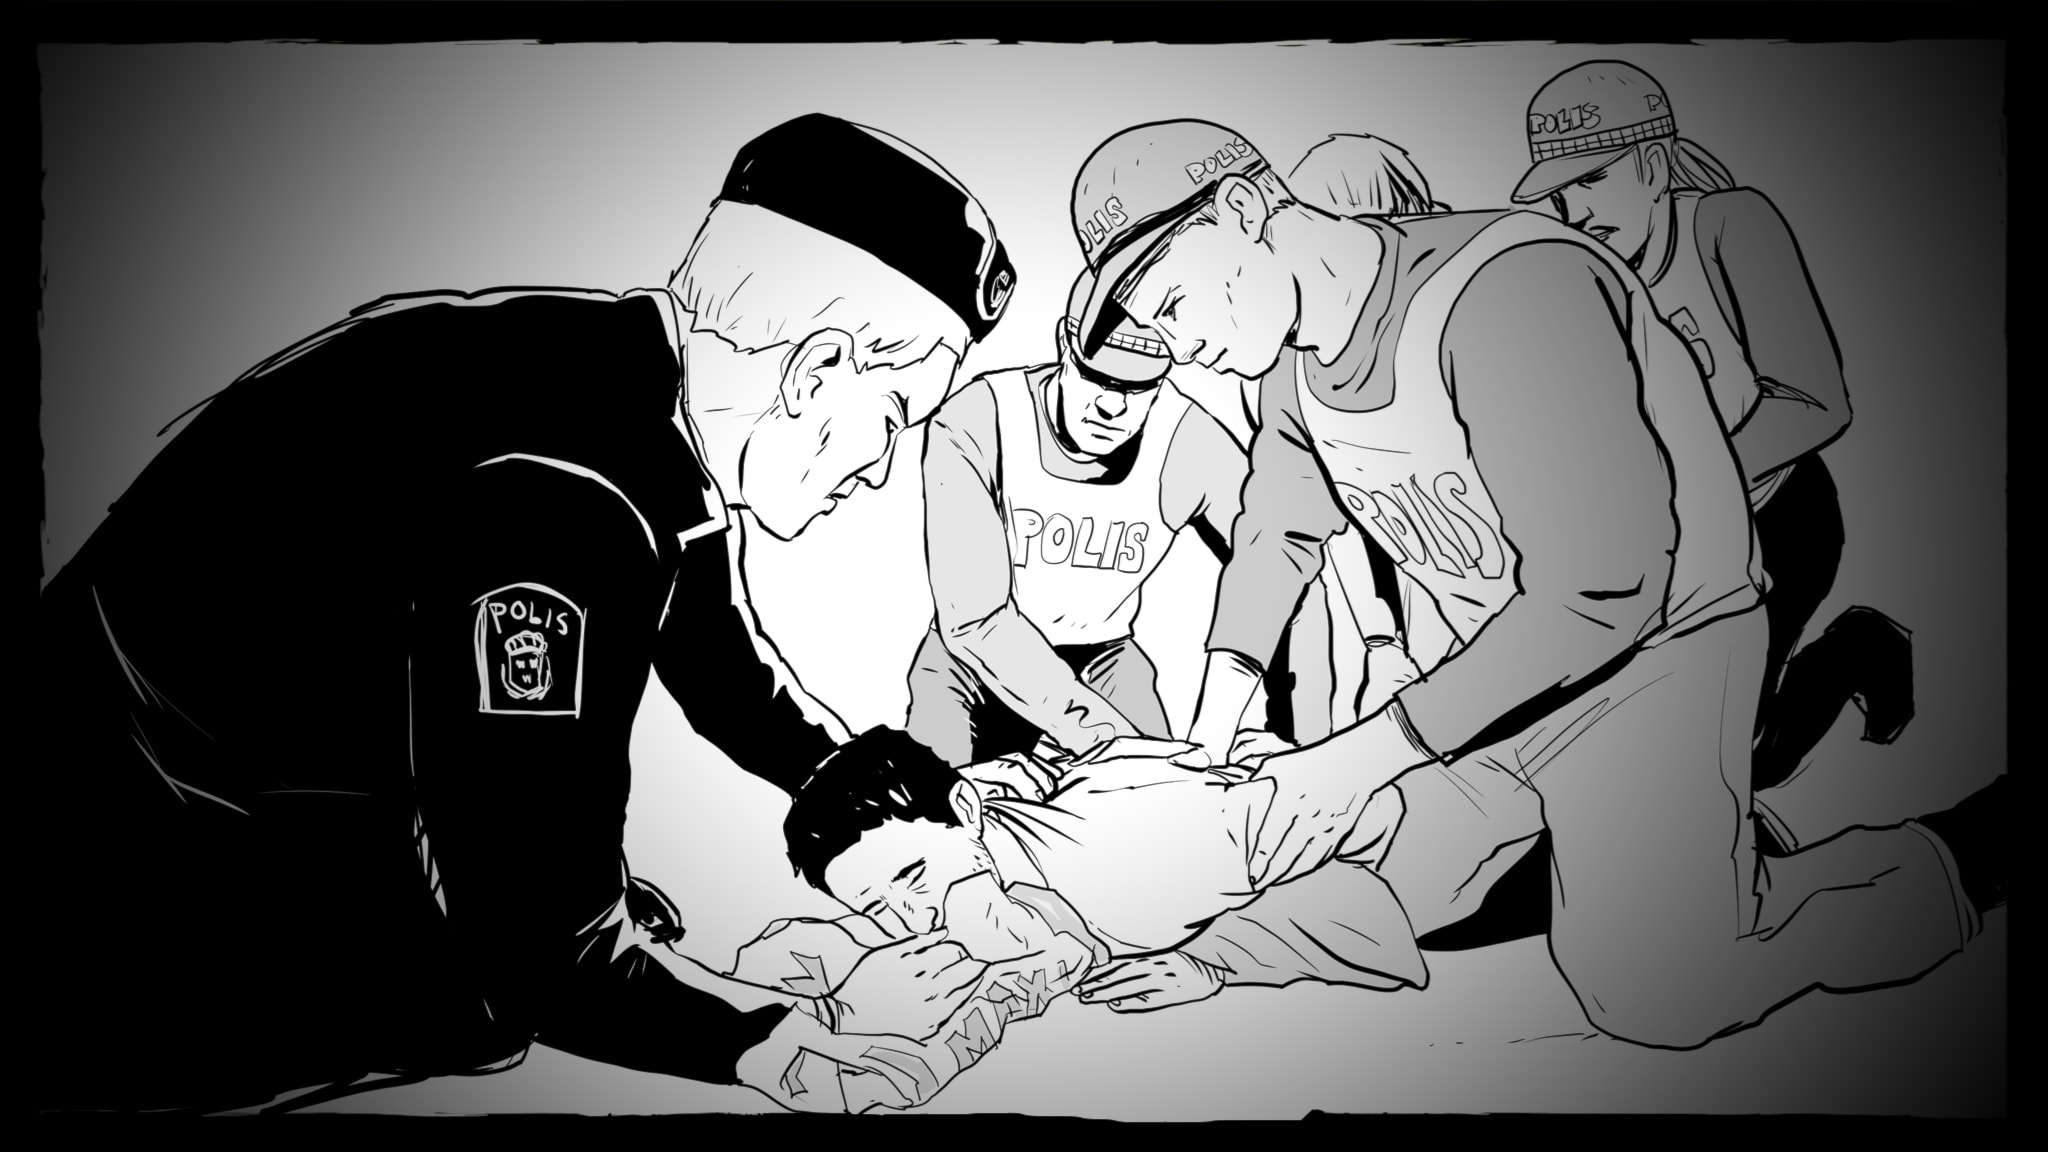 Fallet Sinthu: Polisens ansvar och missarna i utredningen?